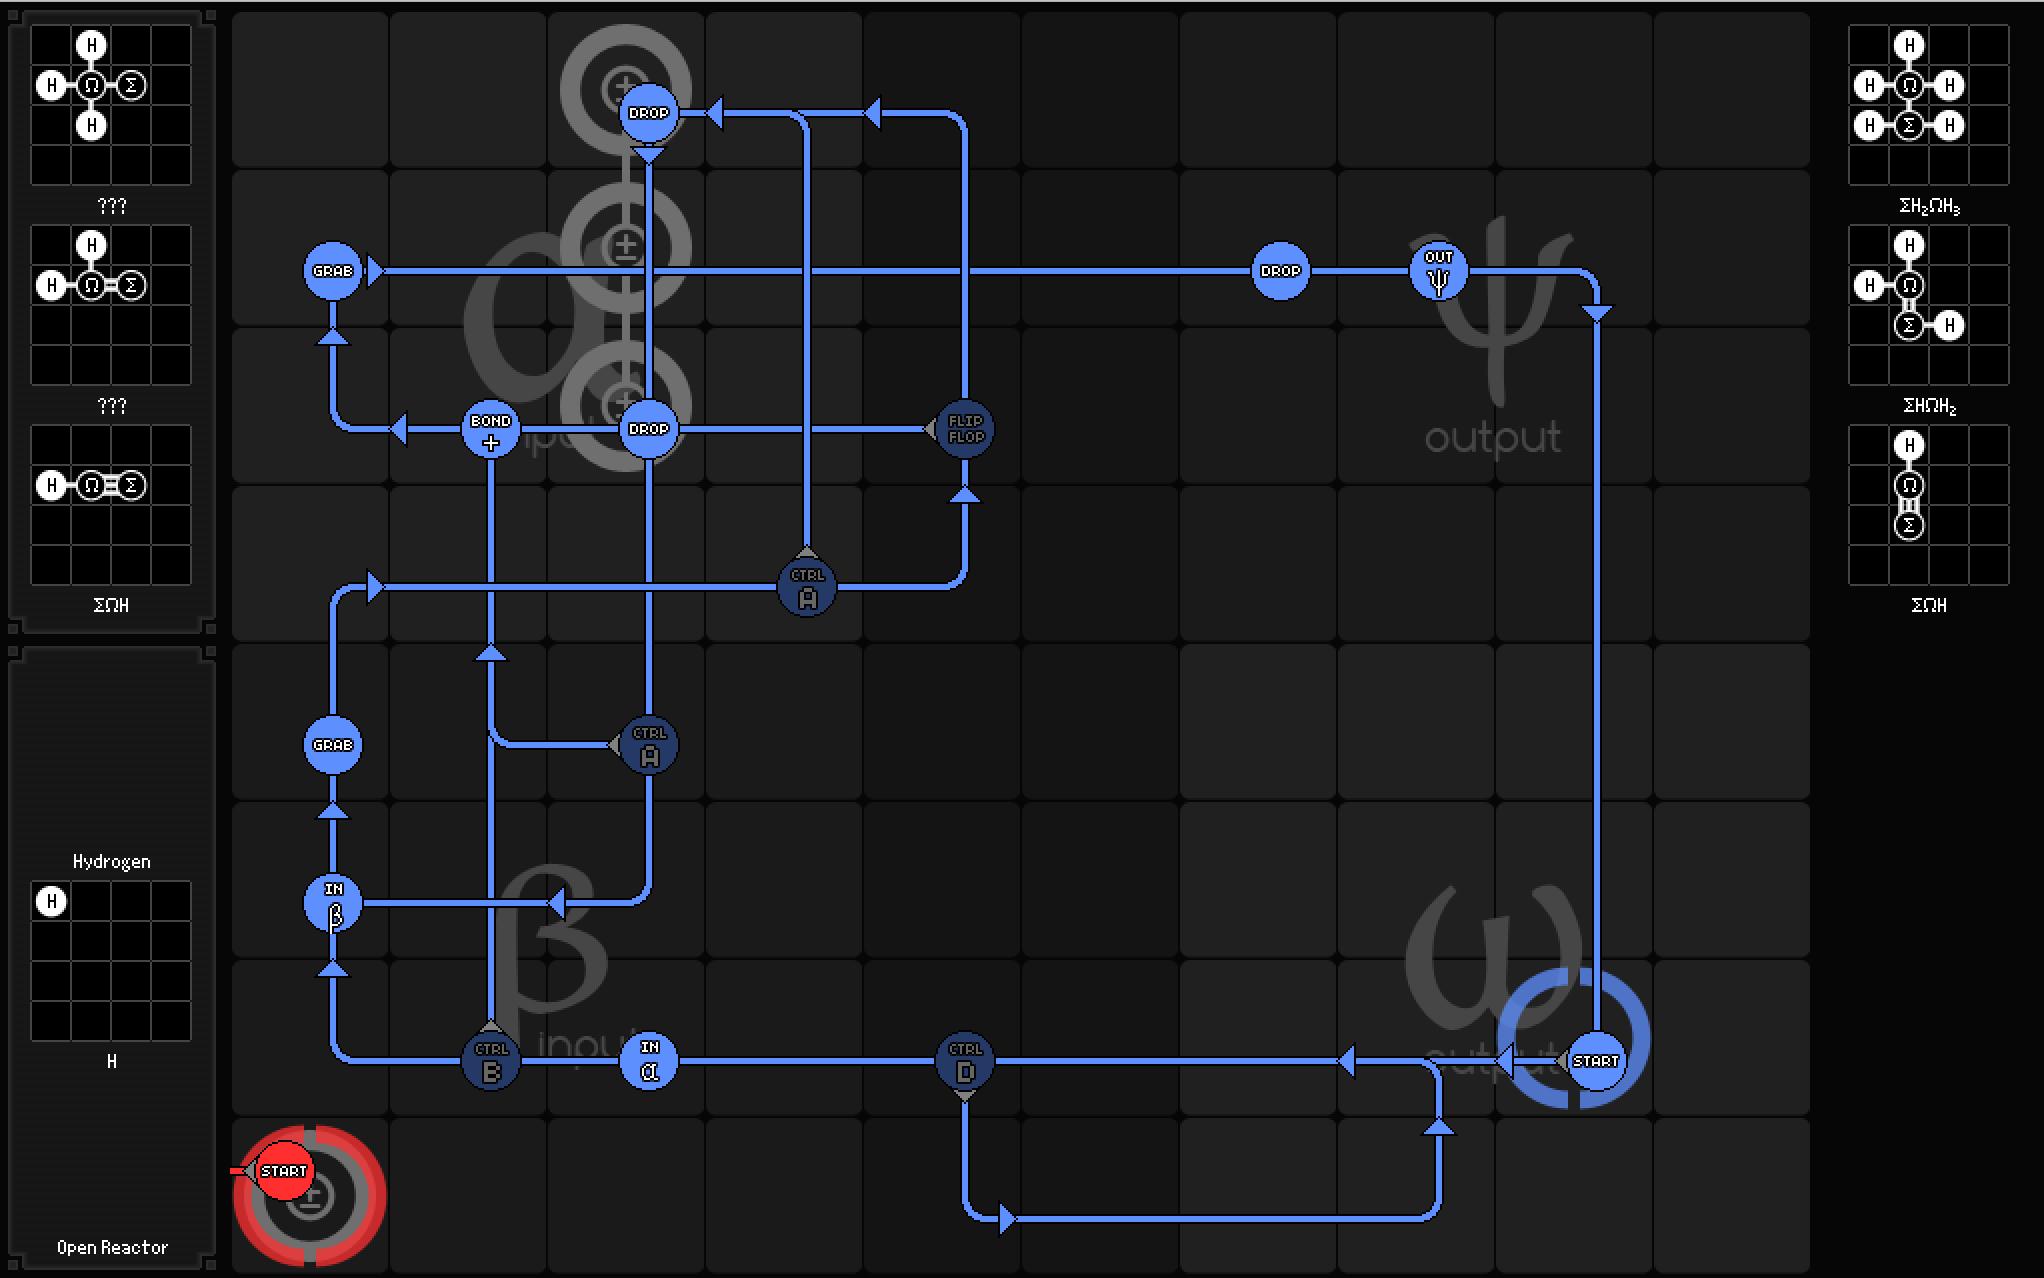 1_Story_Mode/8_Flidais/SpaceChem-8.6.a-boss/Reactor_3.png